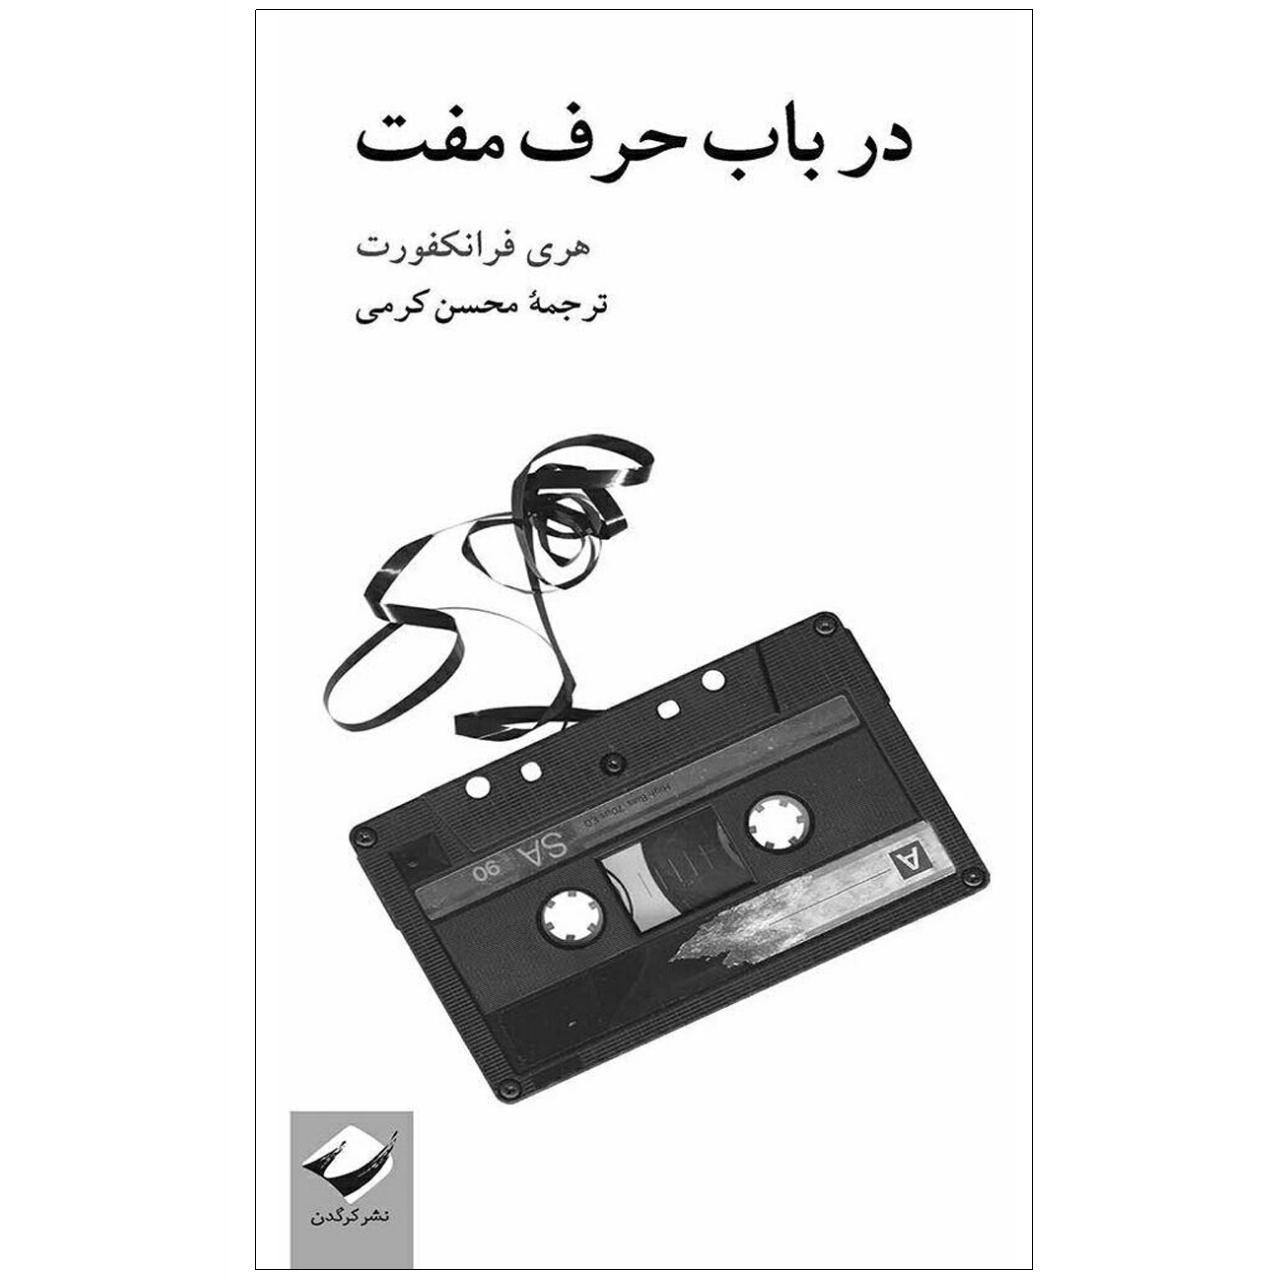 کتاب در باب حرف مفت اثر هری فرانکفورت نشر کرگدن